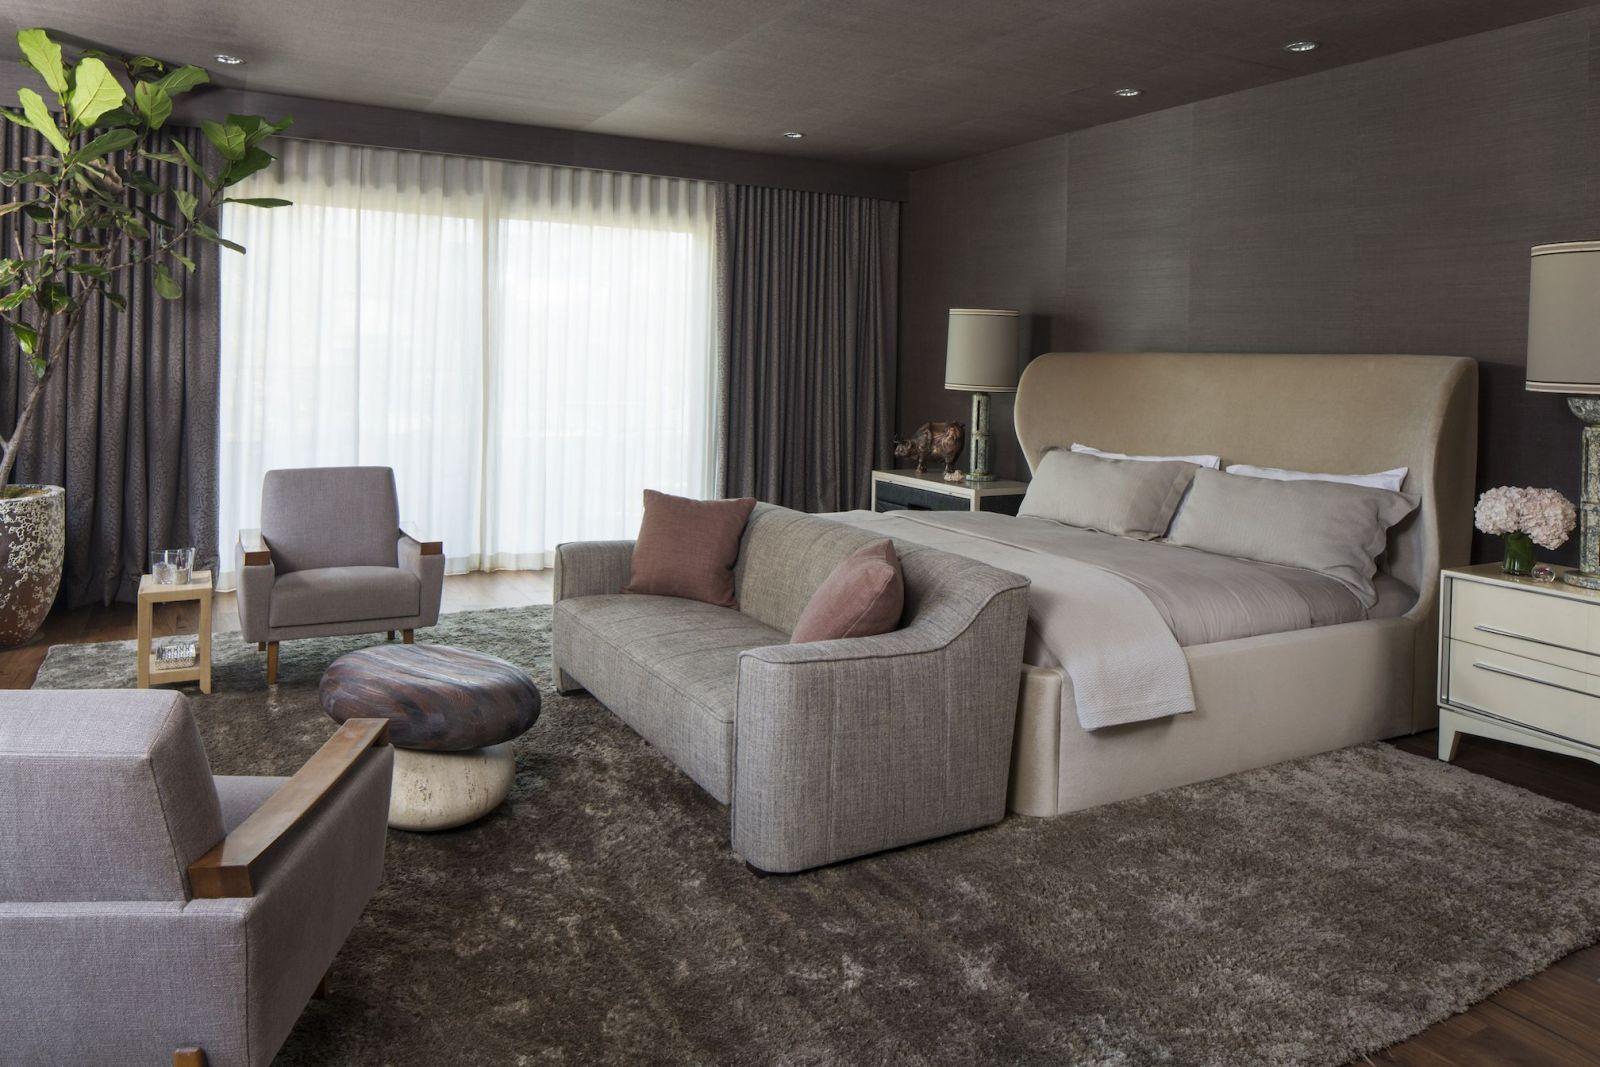 Phòng ngủ ấm cúng nhưng vẫn tạo cảm giác rộng rãi, thoáng đãng nhờ khung cửa sổ sát đất, đồ nội thất có màu sắc nhã nhặn